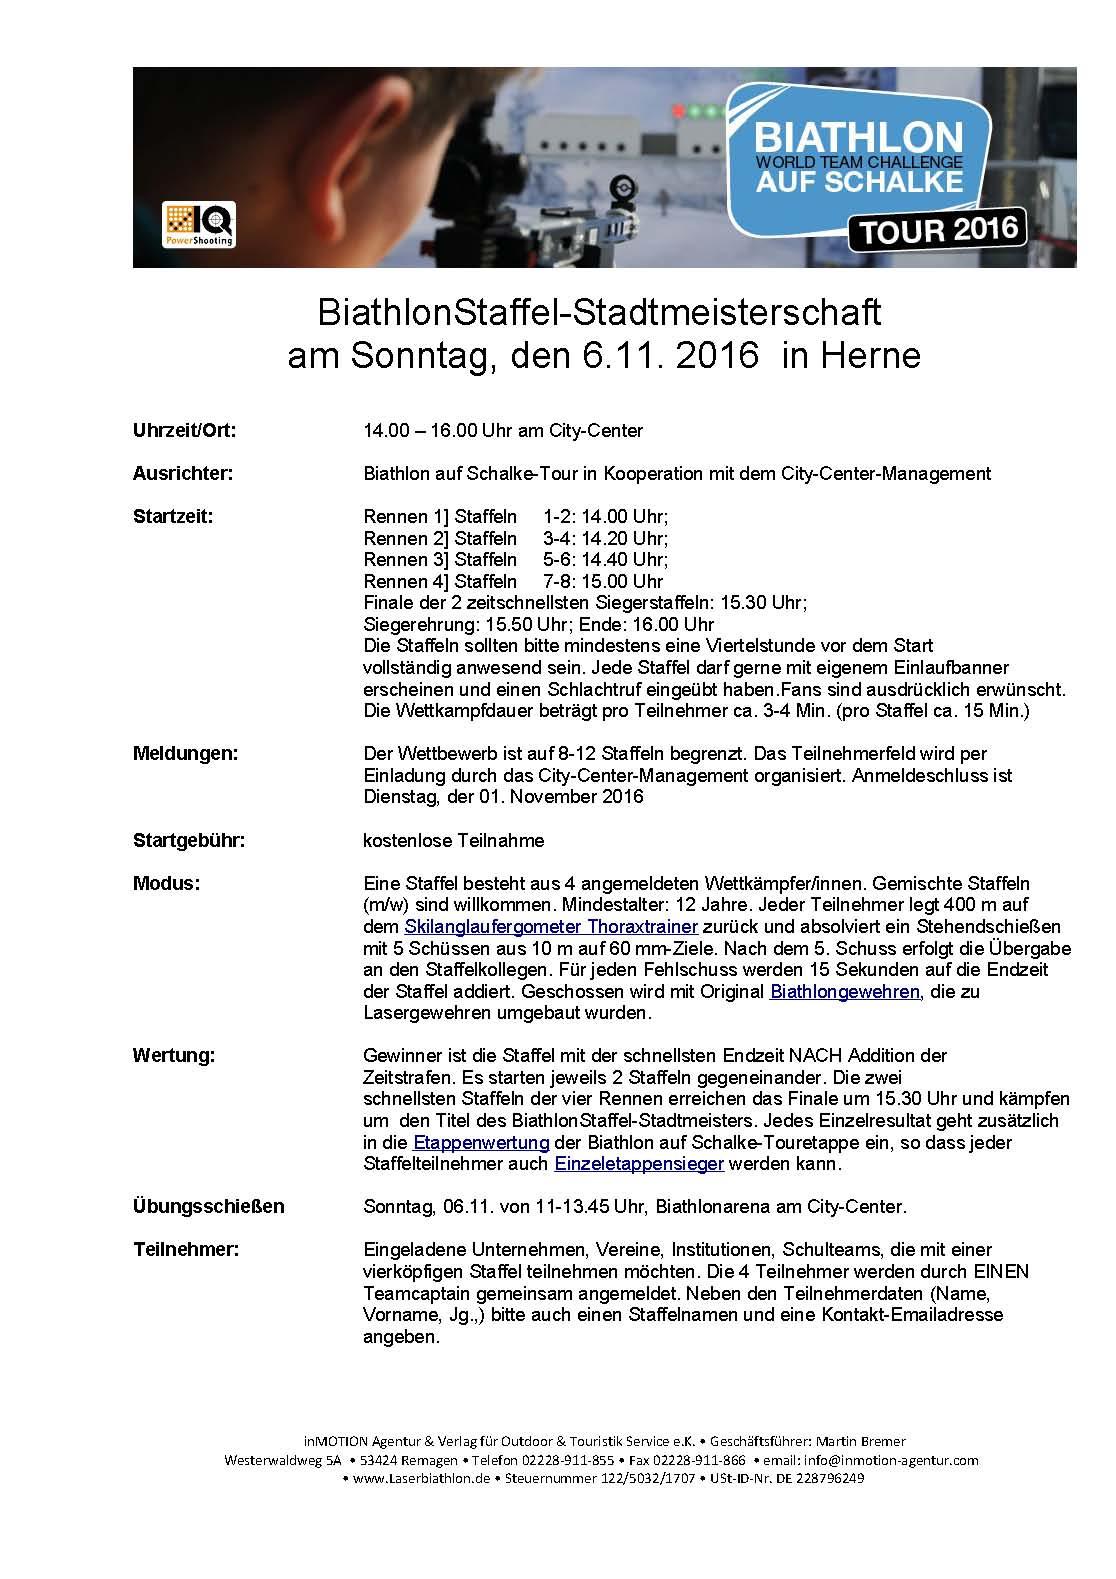 biathlonstaffel_stadtmeisterschaft_herne_6_11_16_seite_1